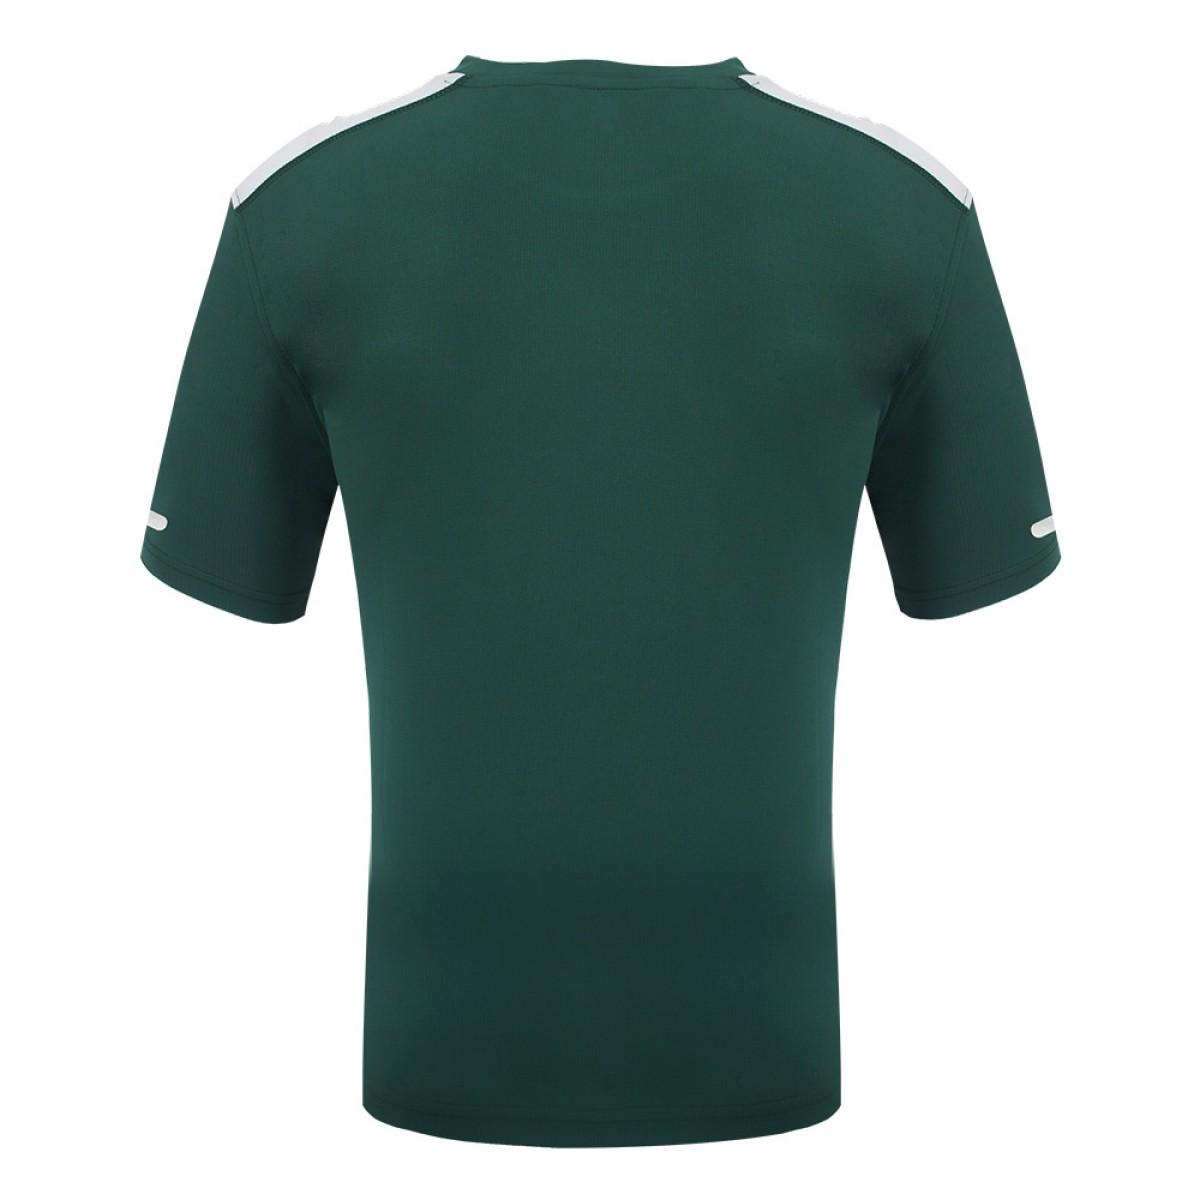 men-knitted-round-neck-t-shirt-kkrt15966-6a